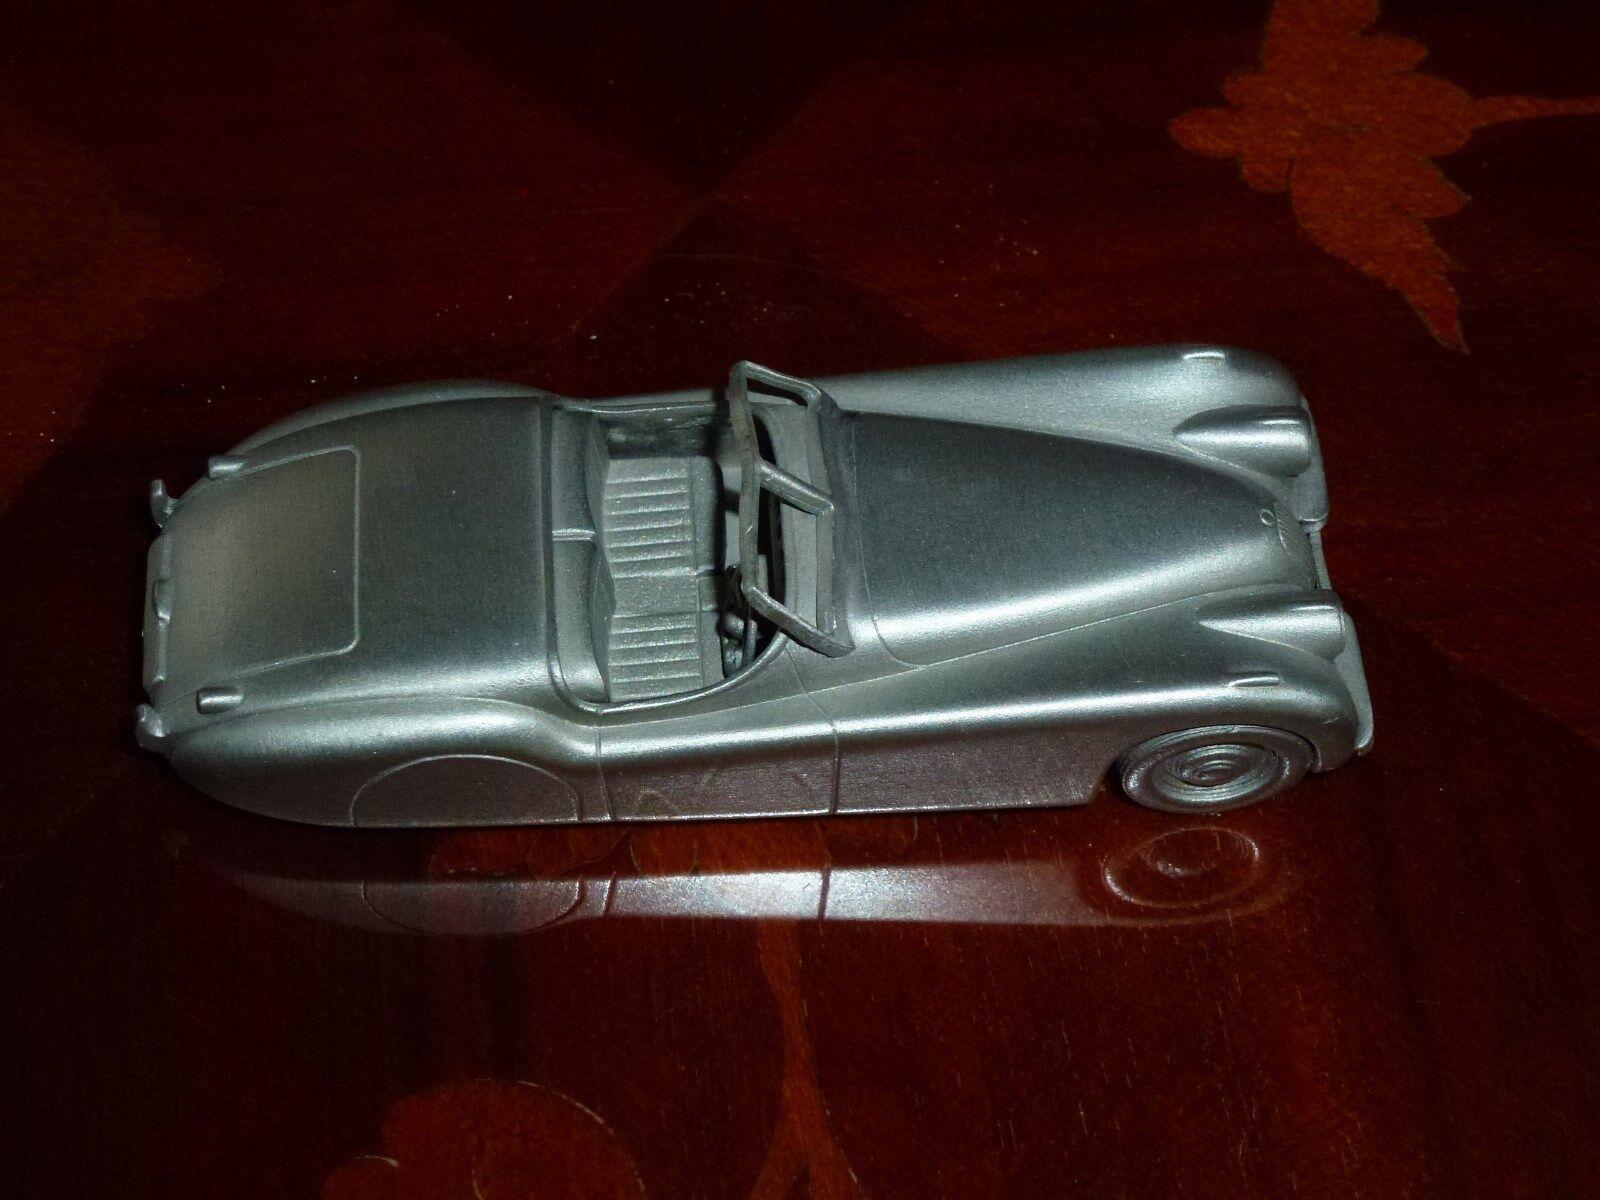 1951 XK120 JAGUAR PEWTER MODEL MINT CONDITION OFFICIAL WITH JAGUAR STAMP